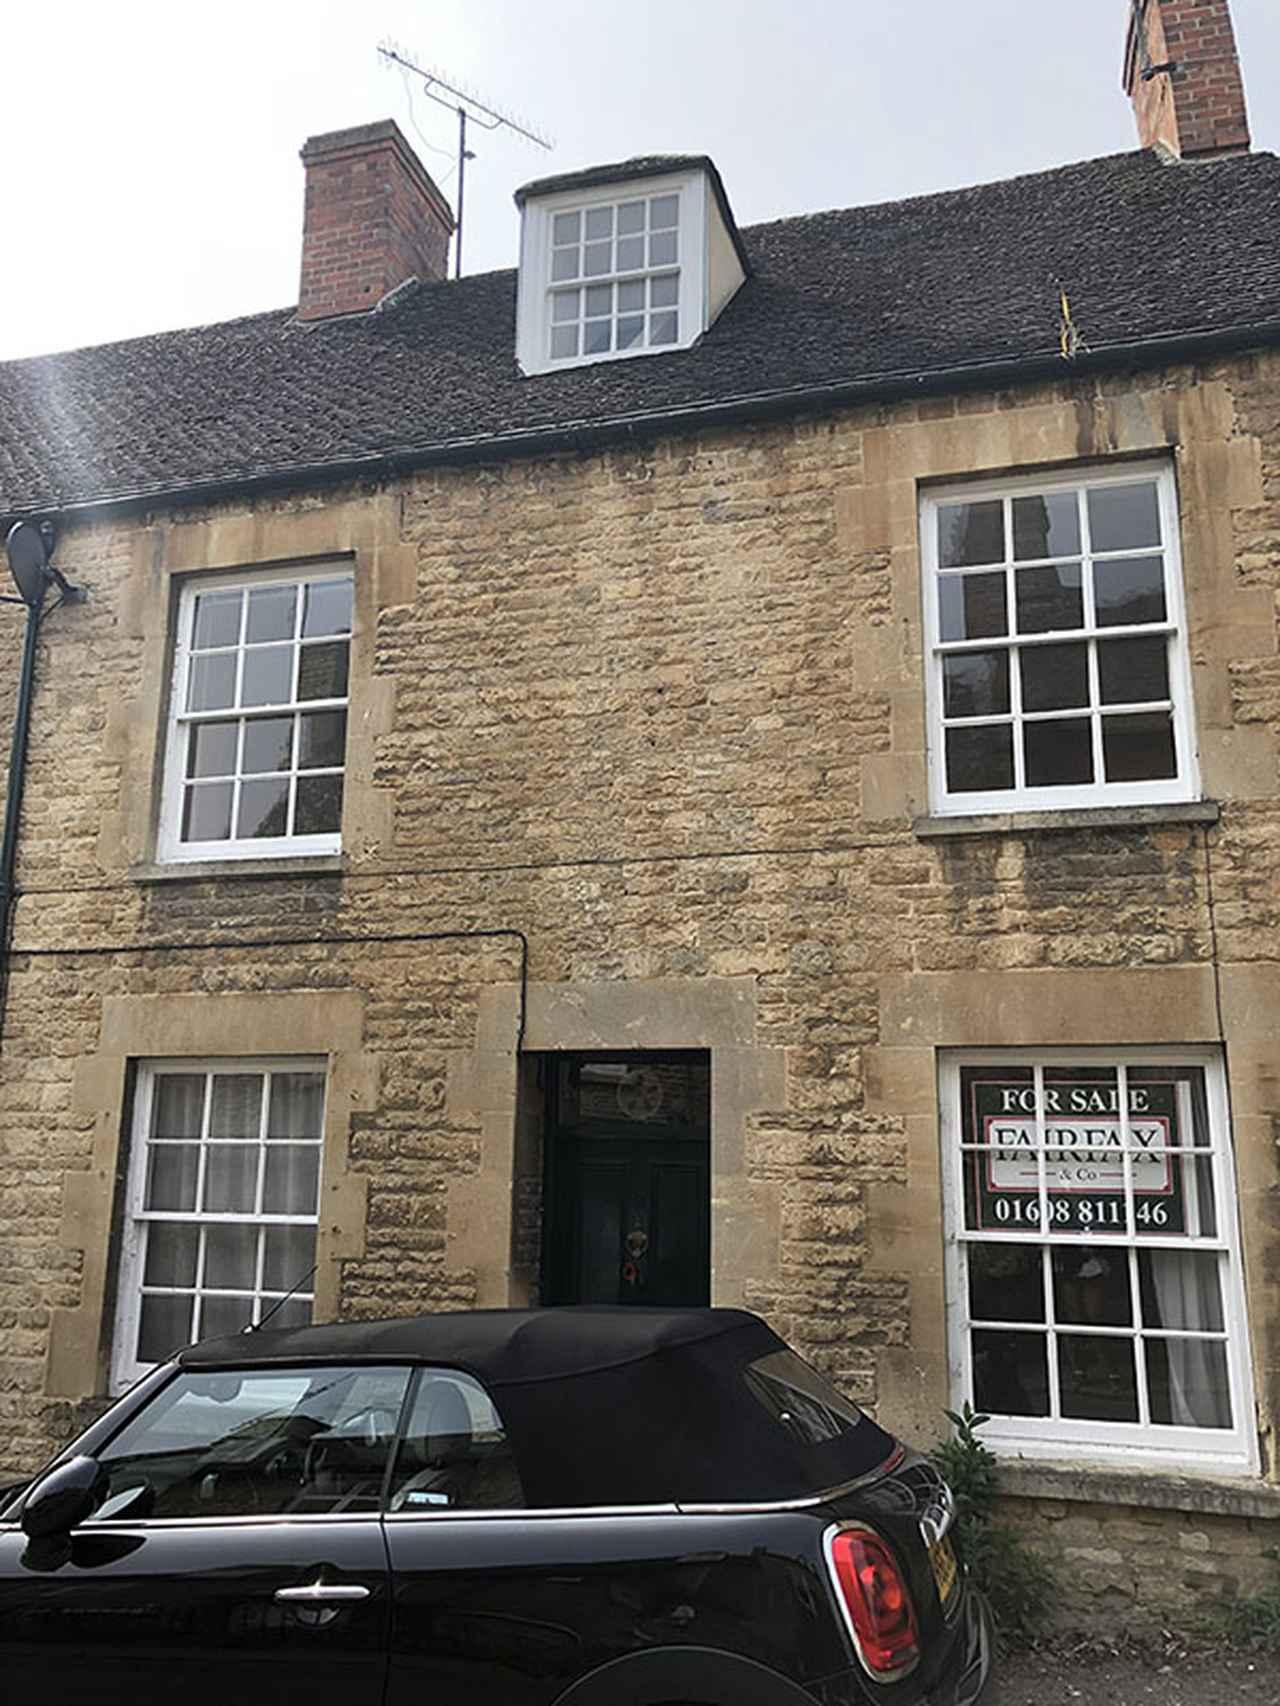 画像: 売り出し中の築170年の我が家。決してよいとはいえない状態でしたが、そのボロボロ感がたまりませんでした